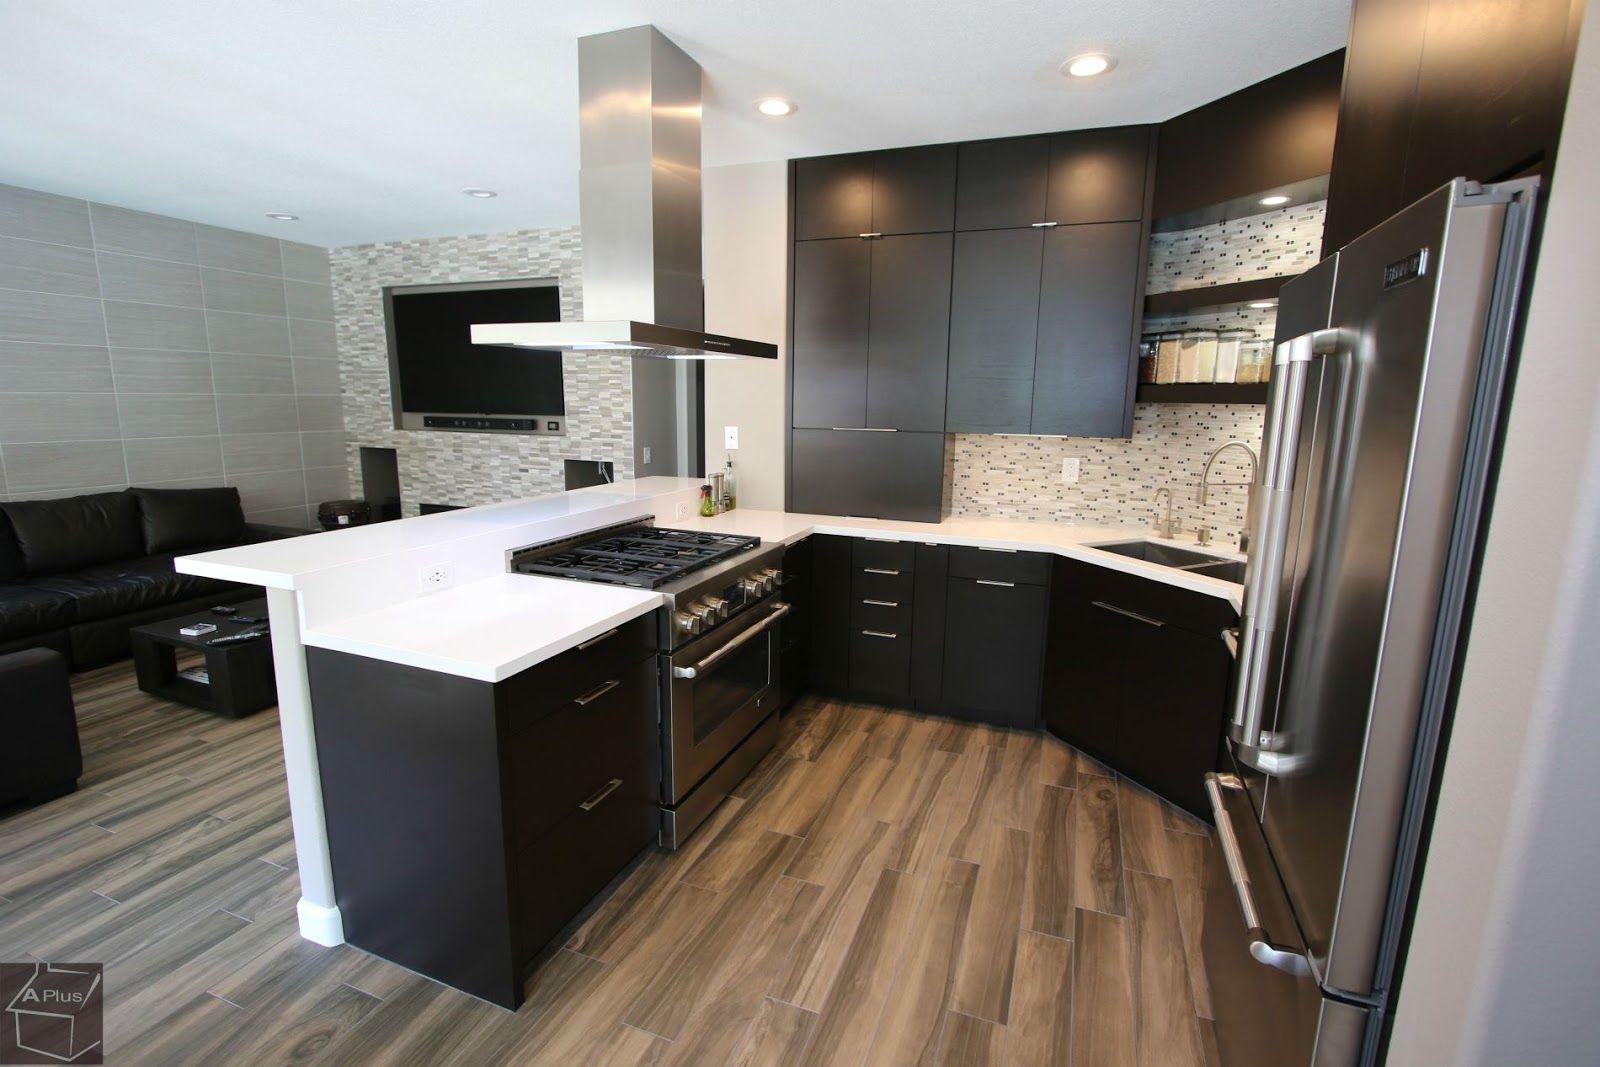 Kitchen Designer Orange County Gorgeous Design Build Modern Kitchen Remodel In Chino Hills  124  Dove Inspiration Design